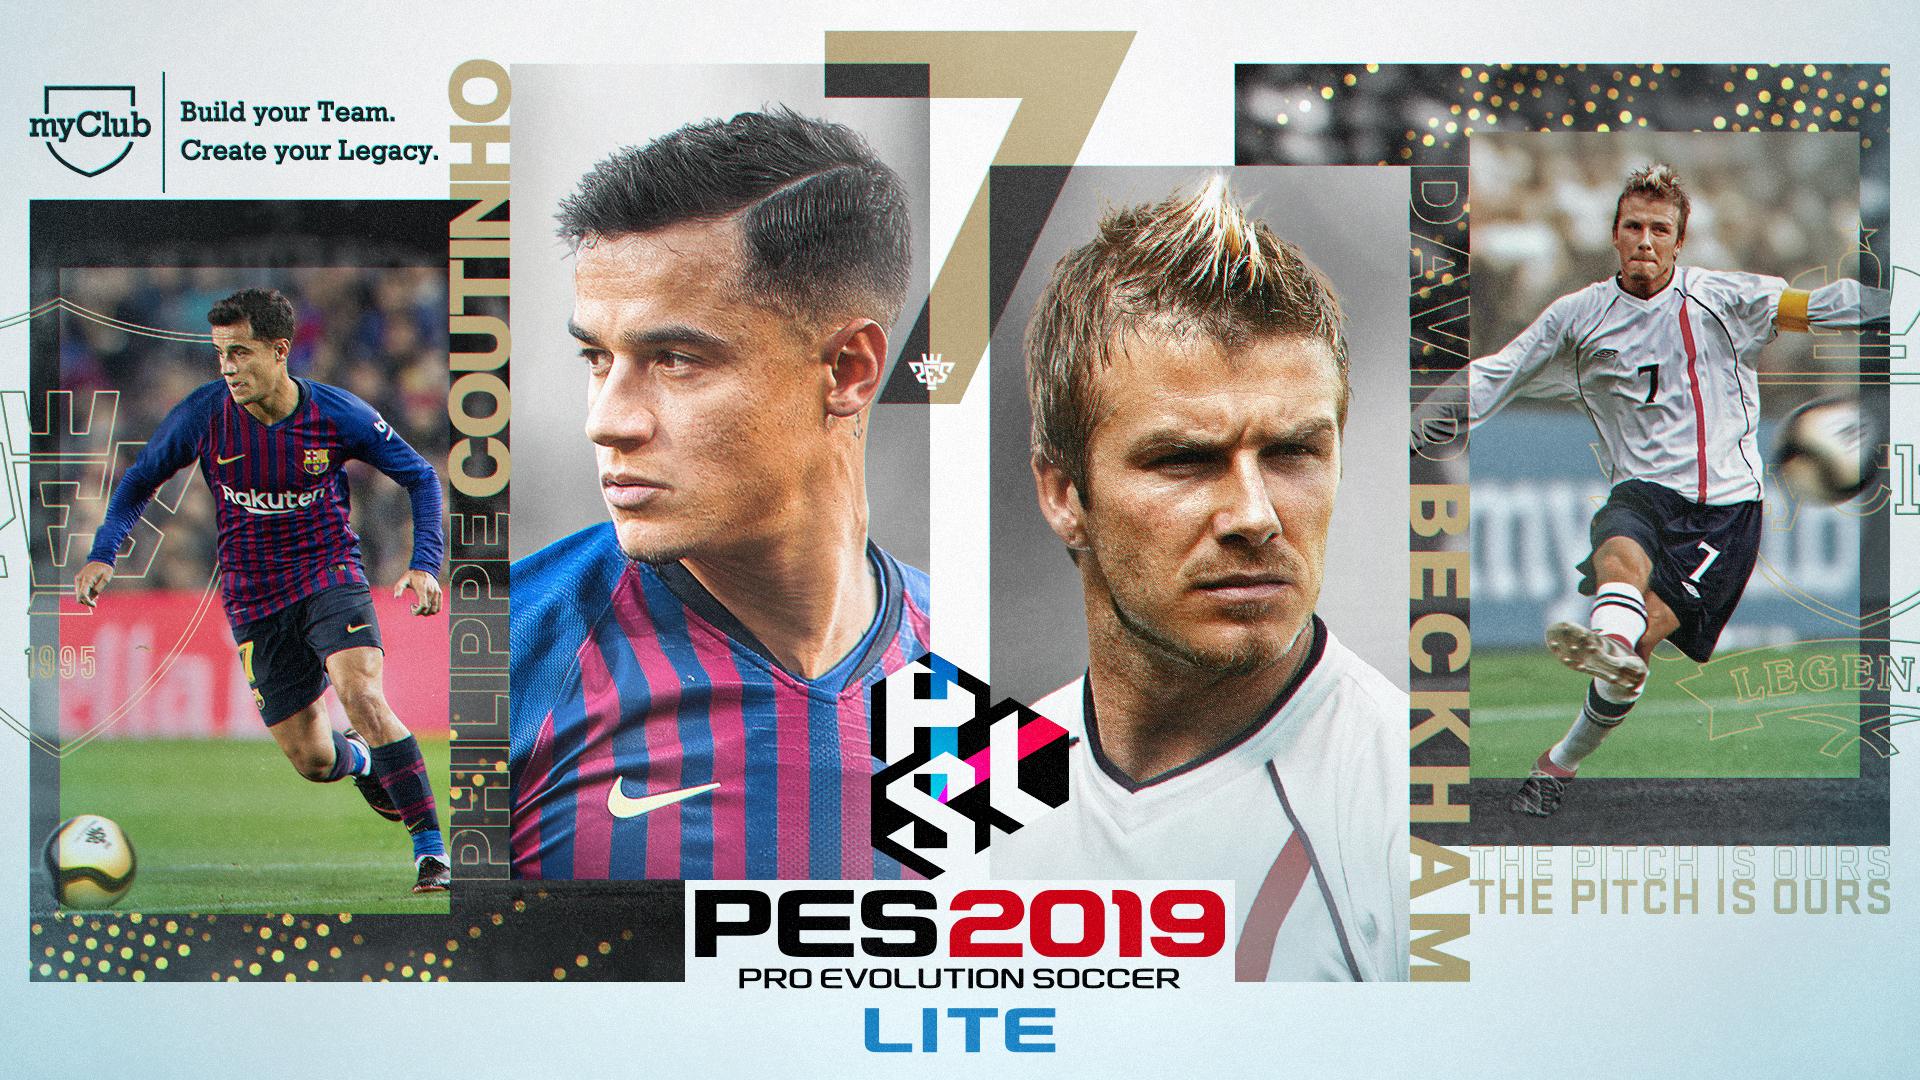 Begini Cara Main Game PES 2019 Gratis di PlayStation 4, Xbox One, PC